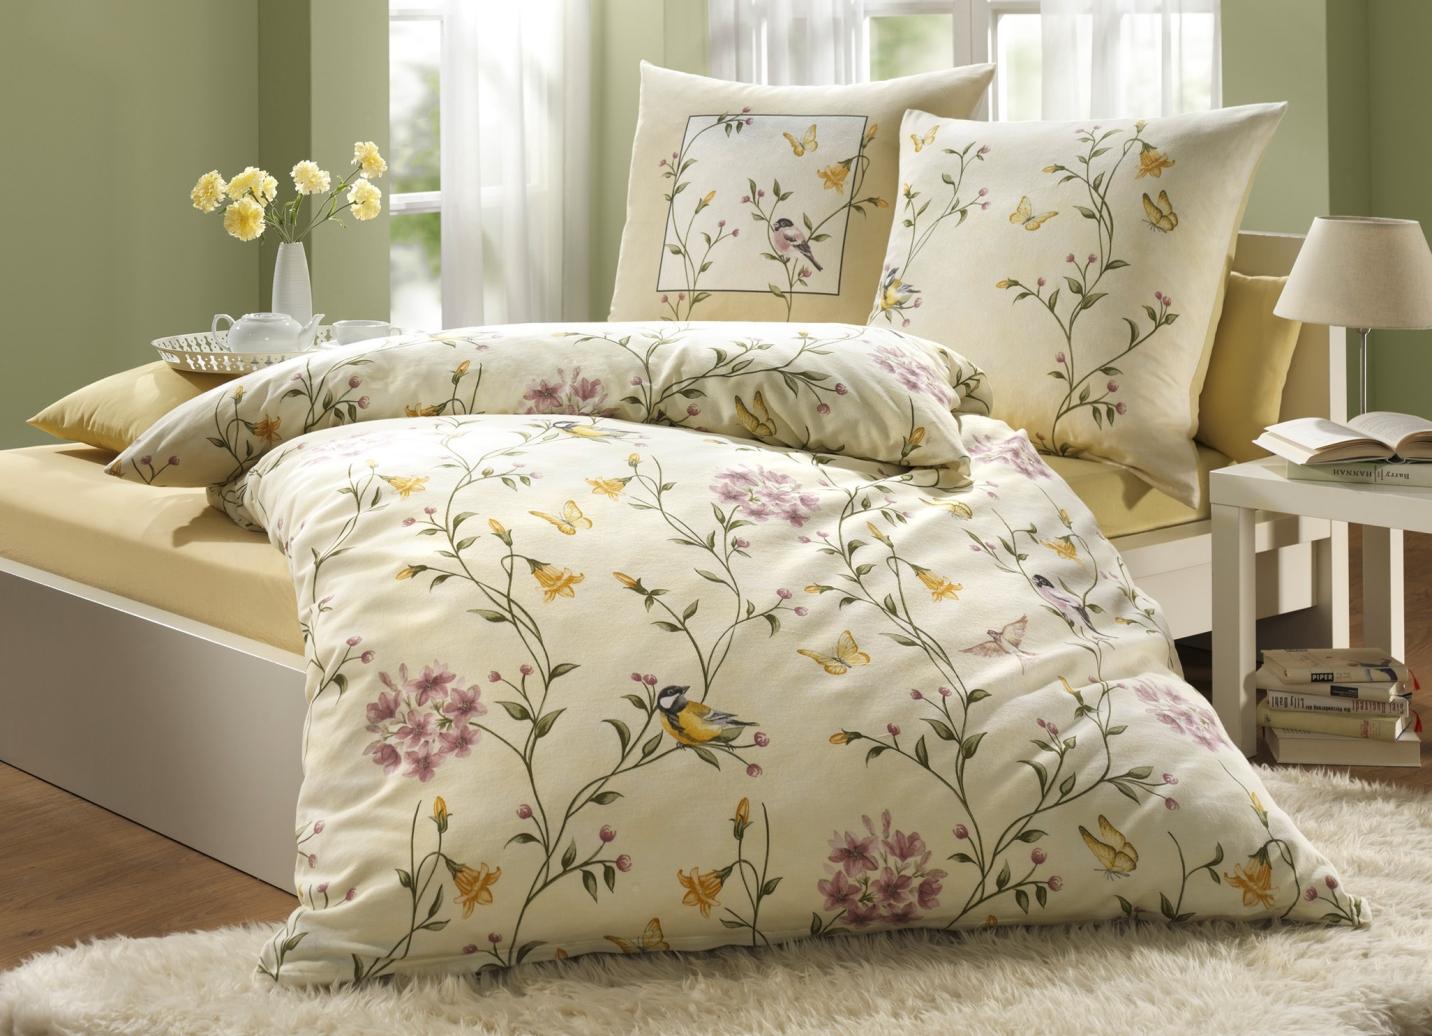 dobnig bettw sche garnitur verschiedene ausf hrungen bettw sche brigitte hachenburg. Black Bedroom Furniture Sets. Home Design Ideas